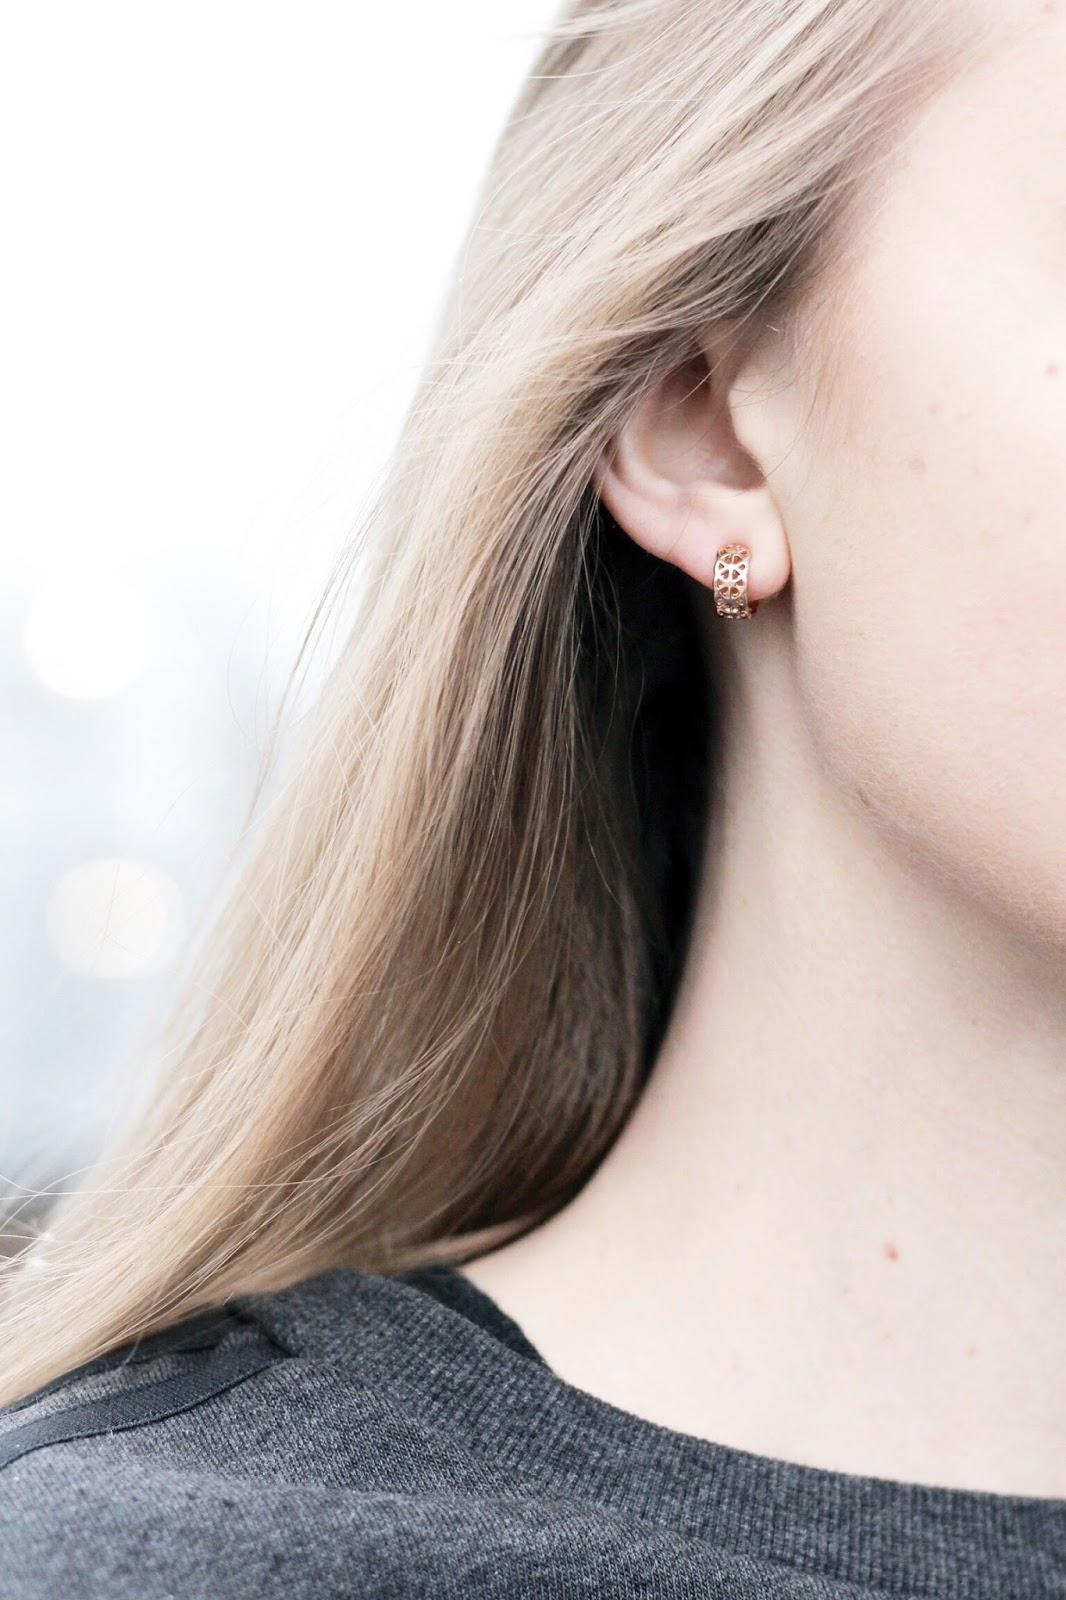 Dainty gold hoop earring